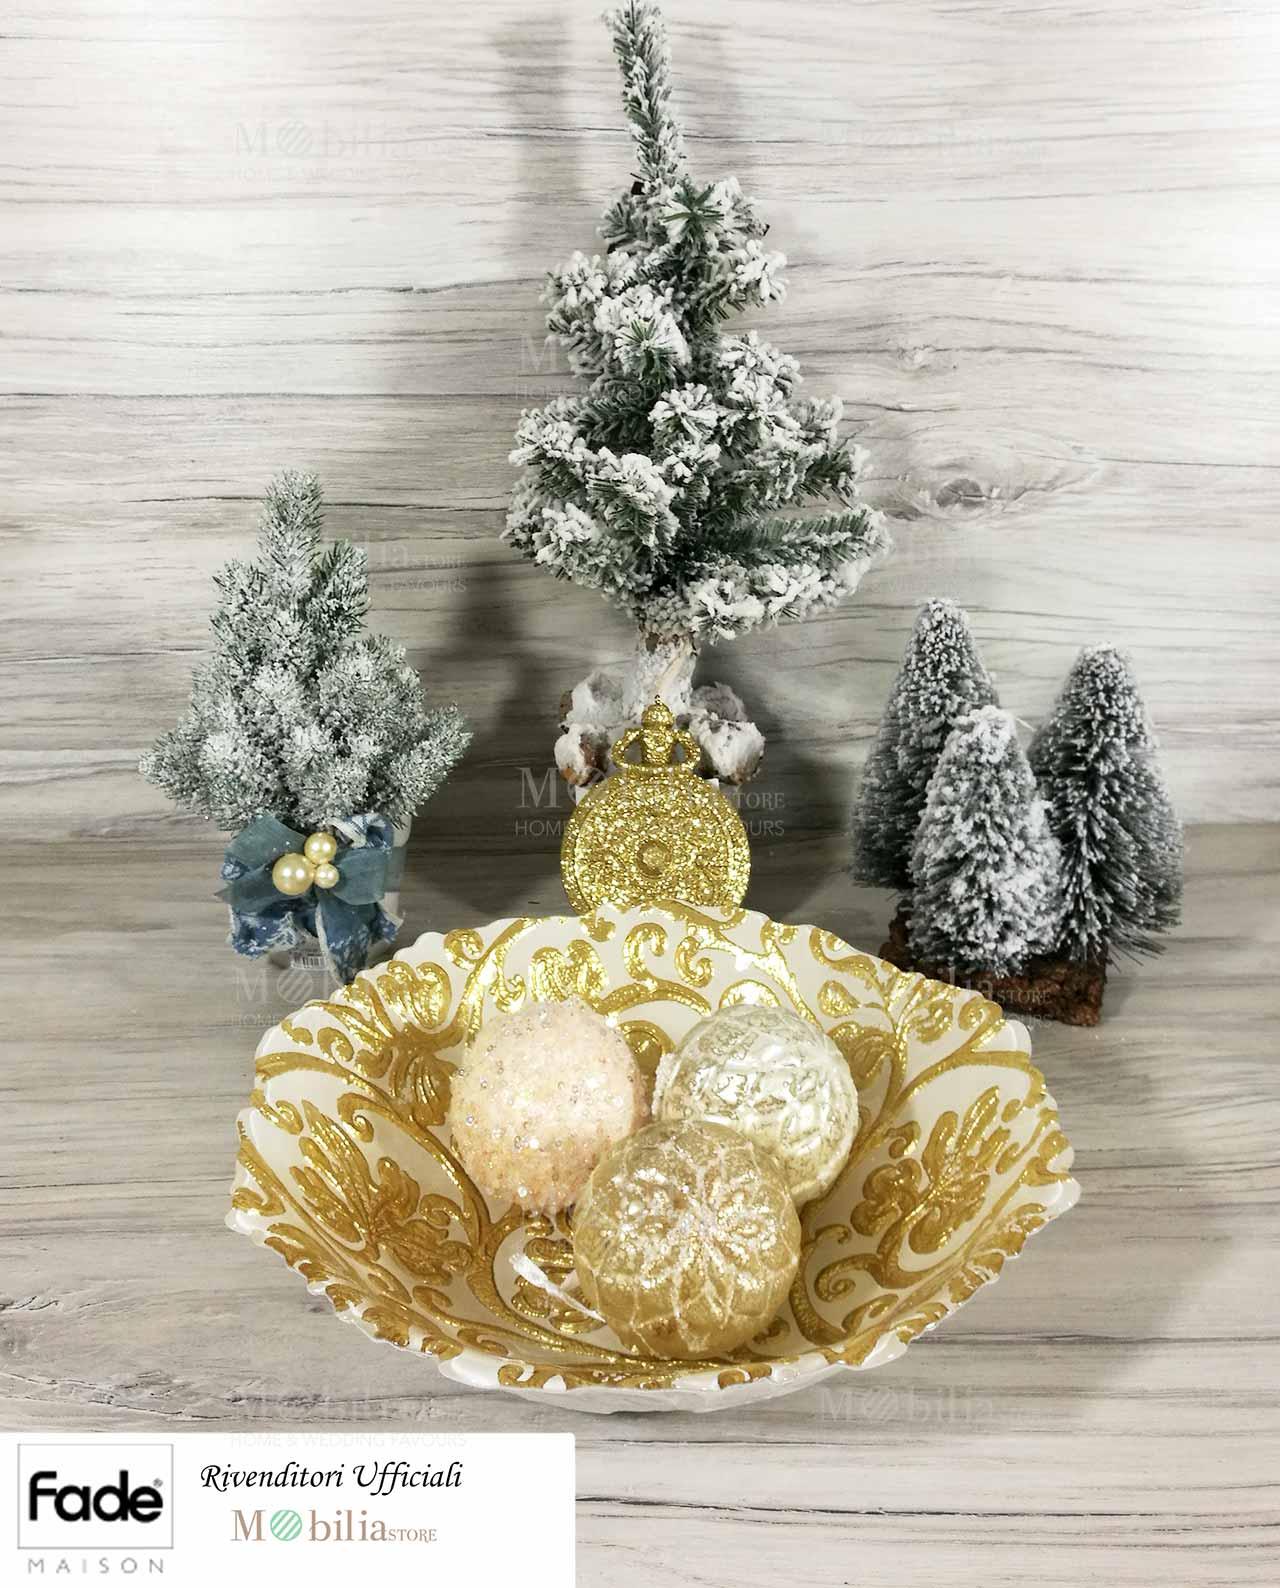 Centrotavola natalizi vetro color oro mobilia store home - Centrotavola natalizi ...